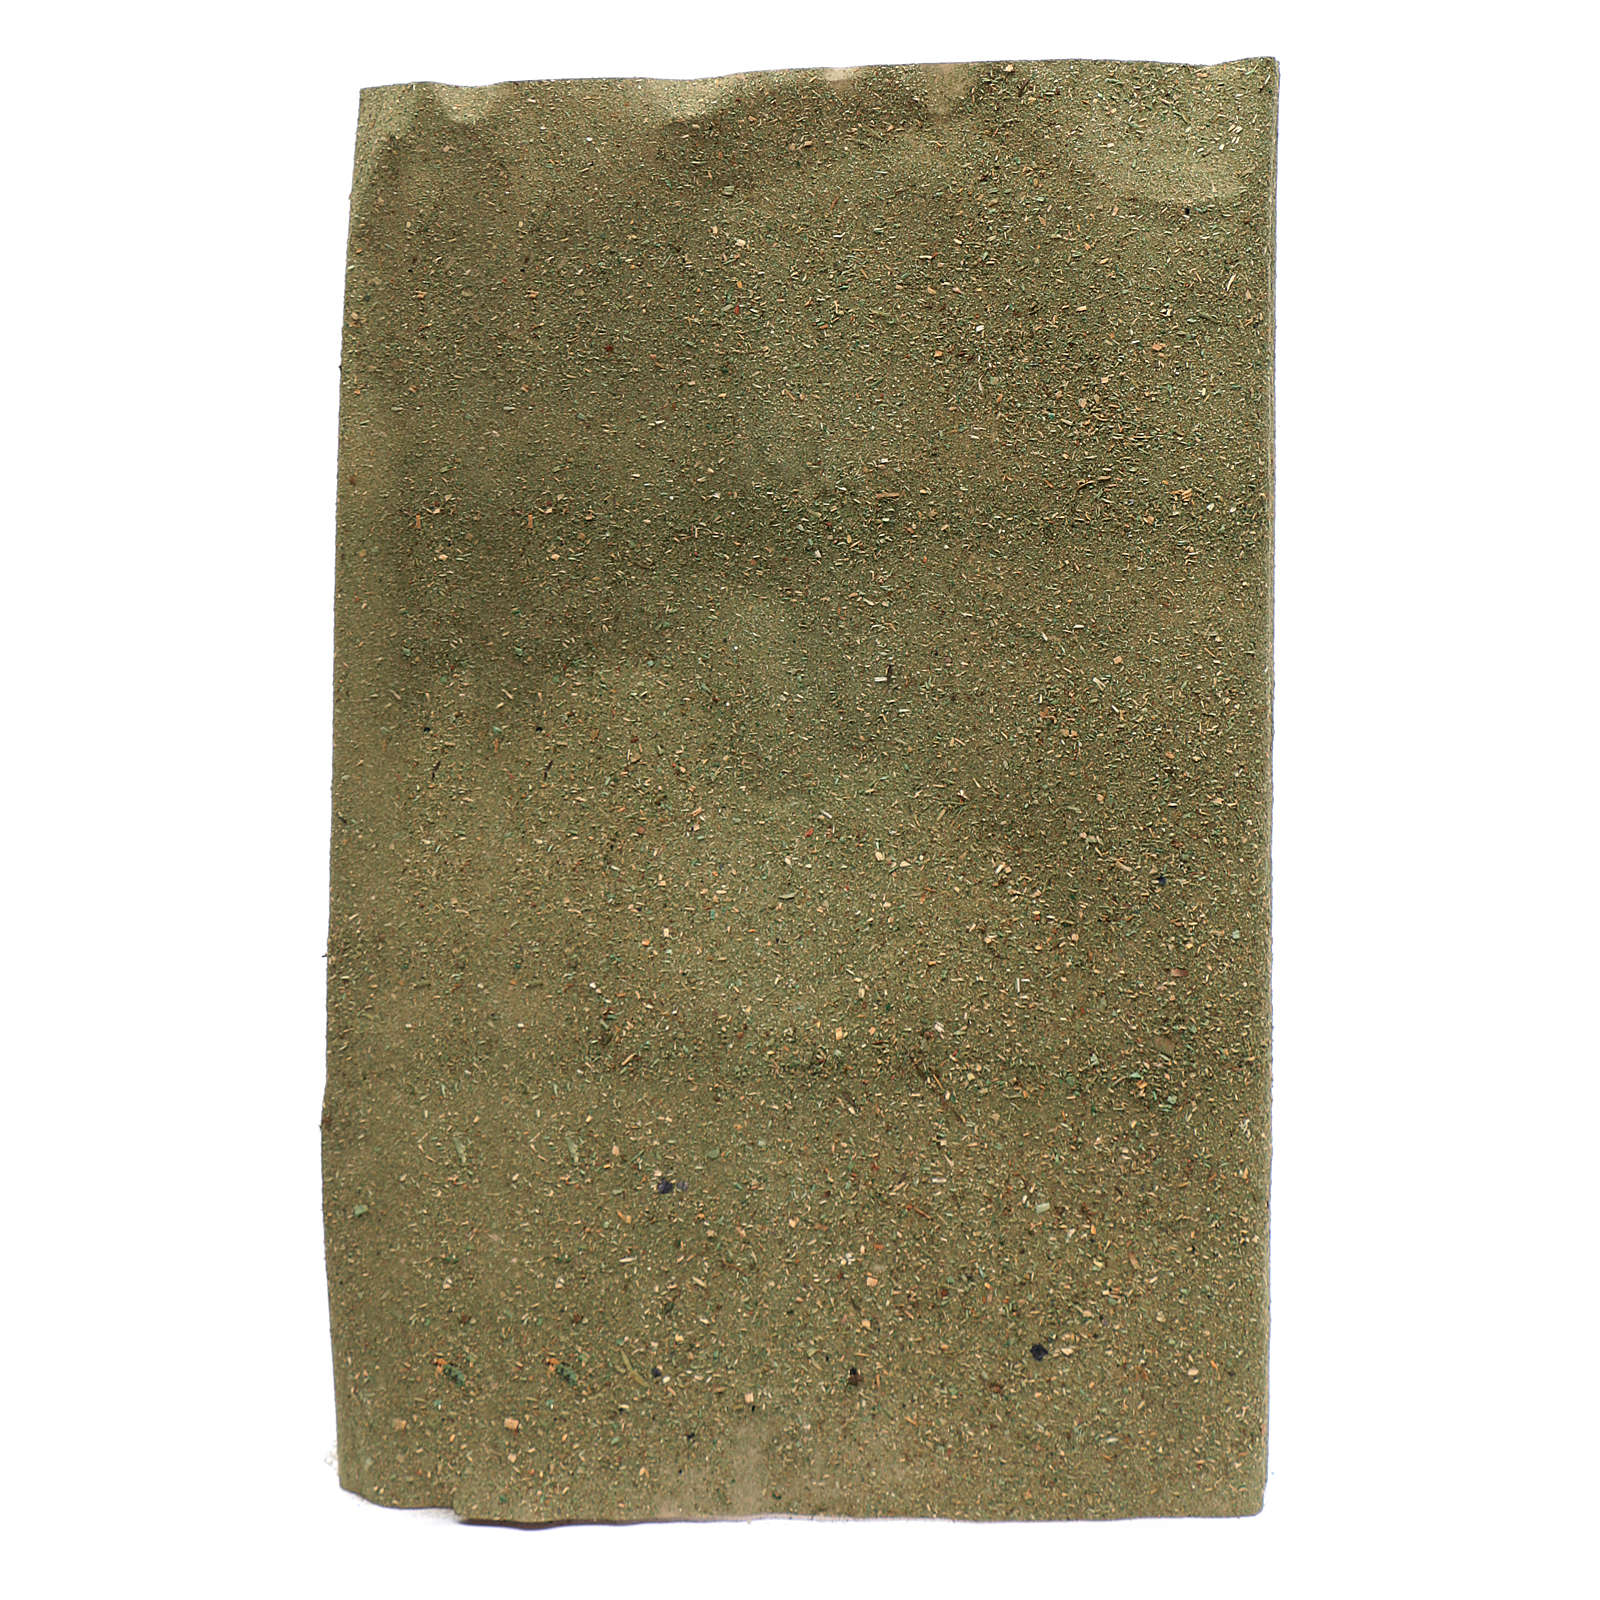 Rotolo carta per prato per presepe fai da te 50x70 cm 4